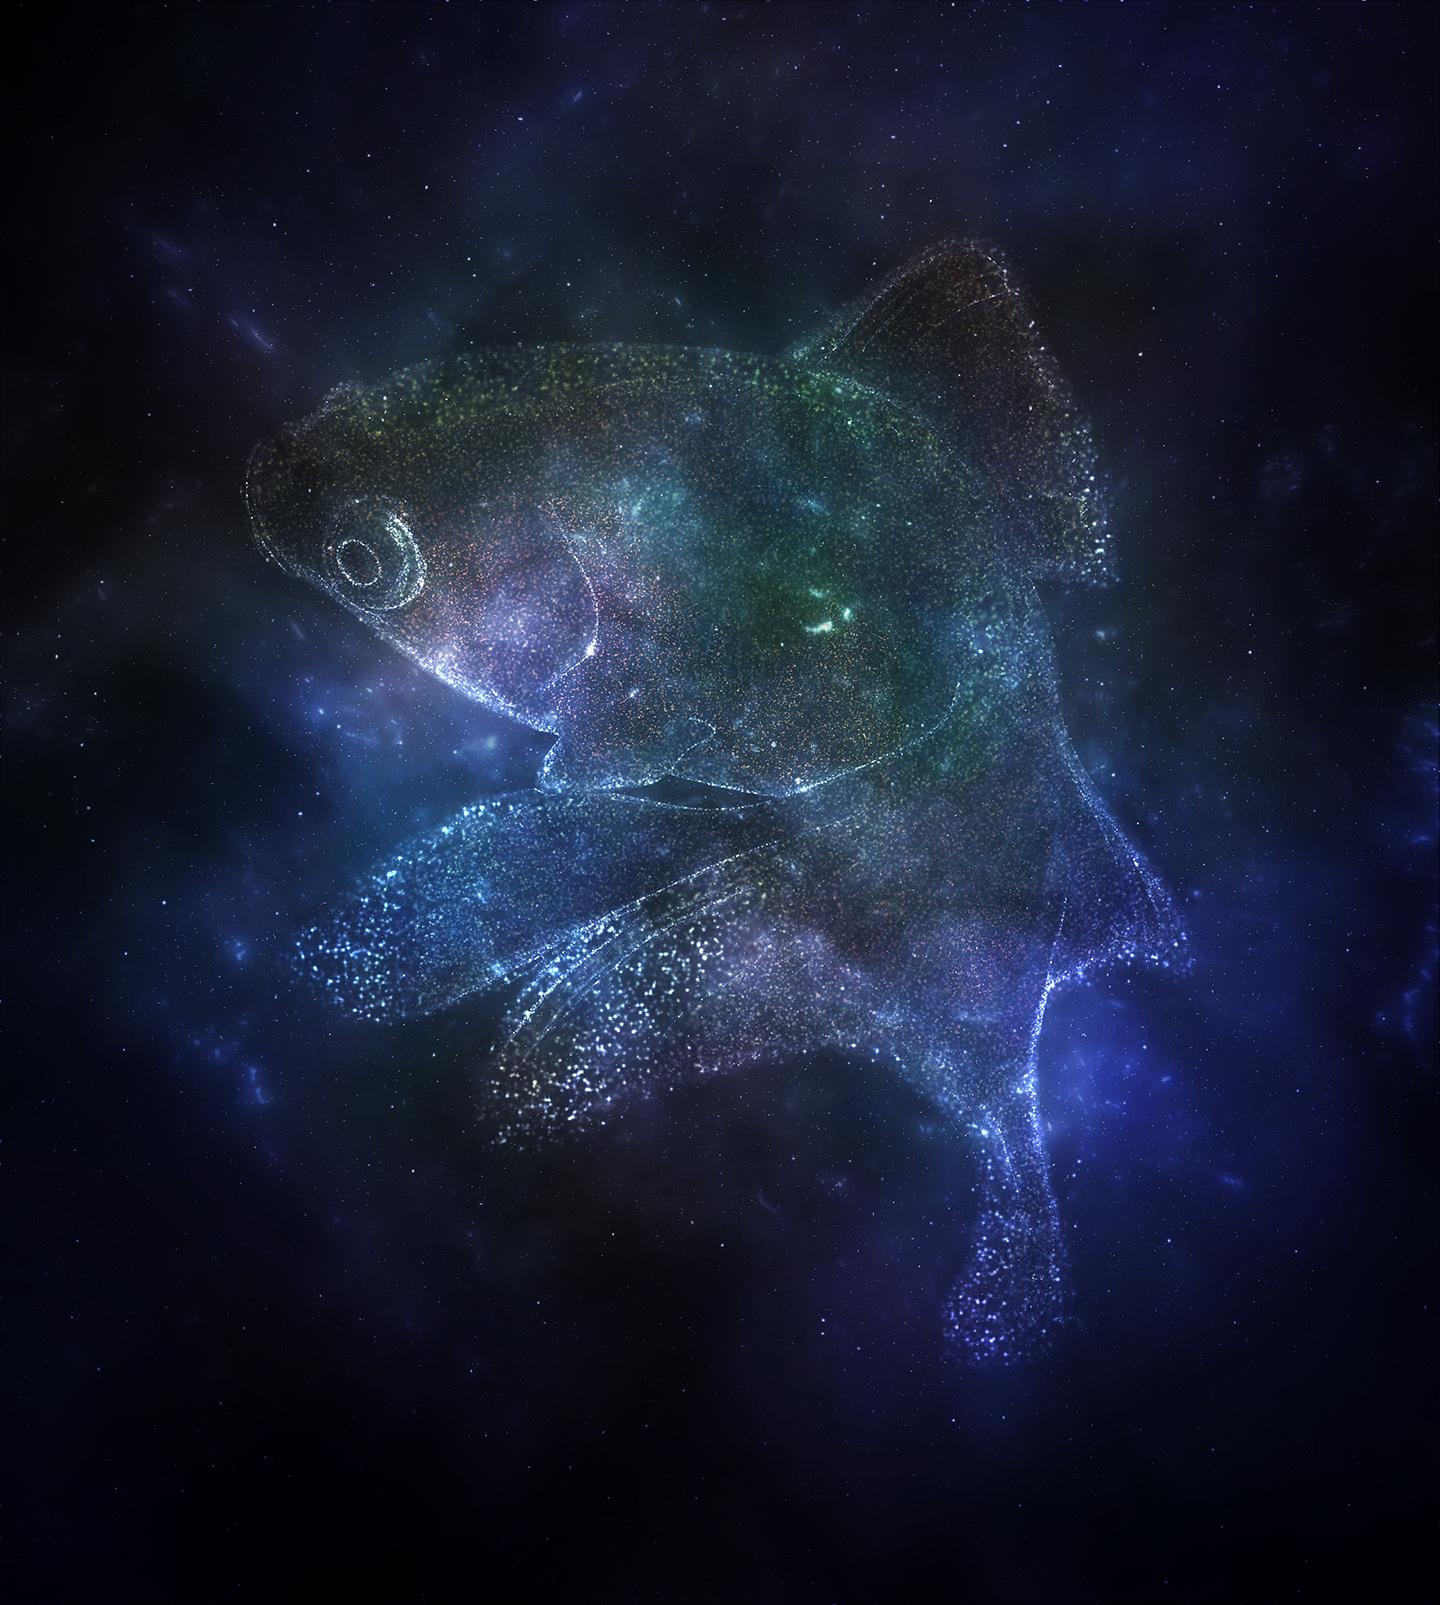 查看《ps特效动作下载_国外ps特效动作下载_ps动作特效百度网盘_银河特效_ps怎么做旋转动画特效》原图,原图尺寸:1440x1605